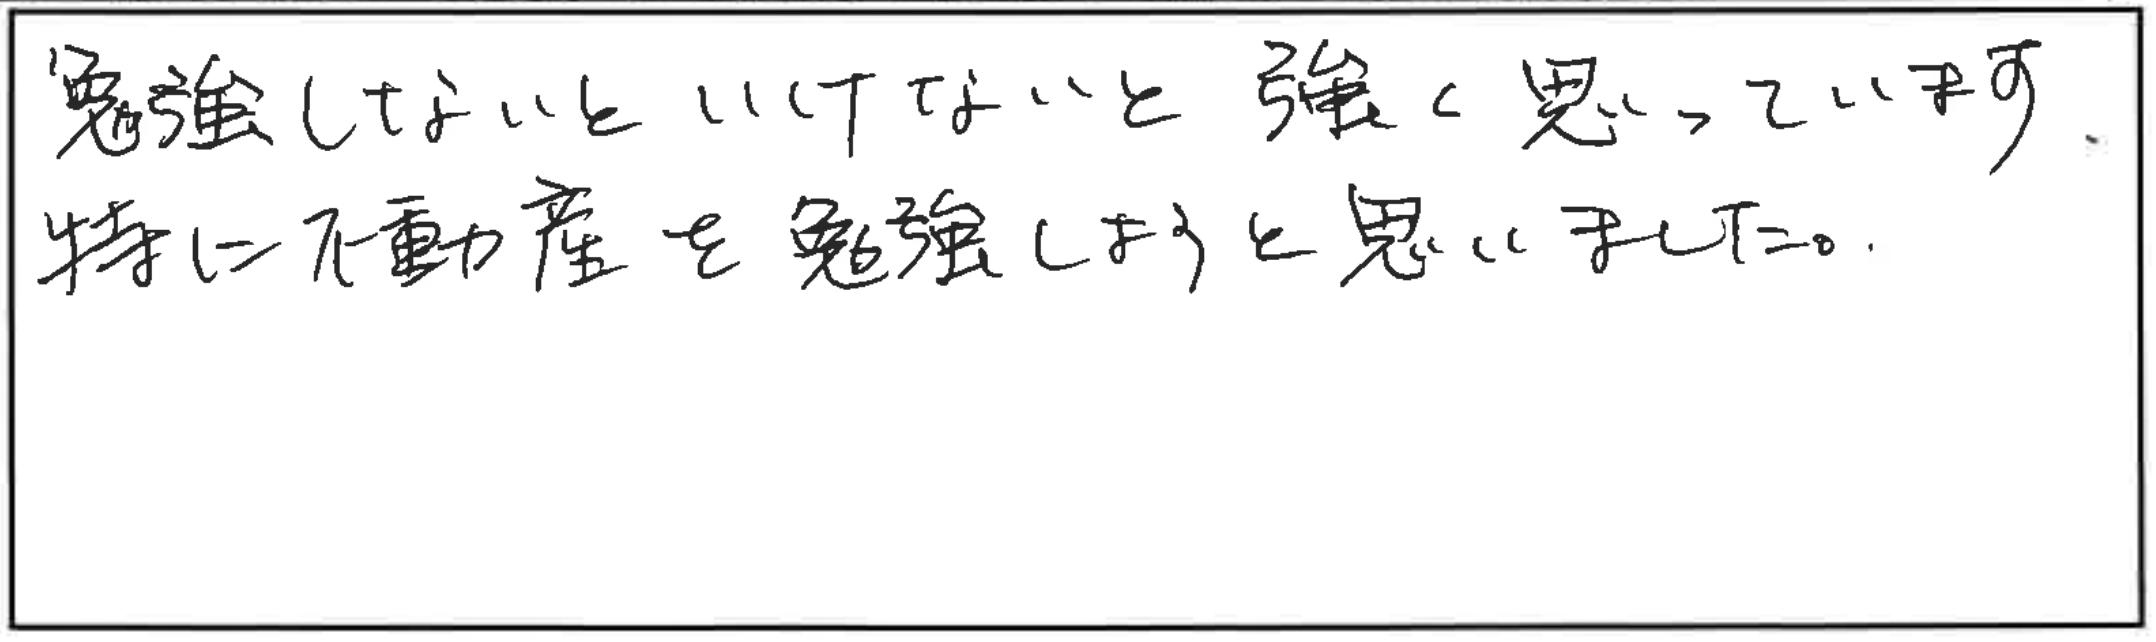 吉澤塾 半年コースの参加者の声画像169